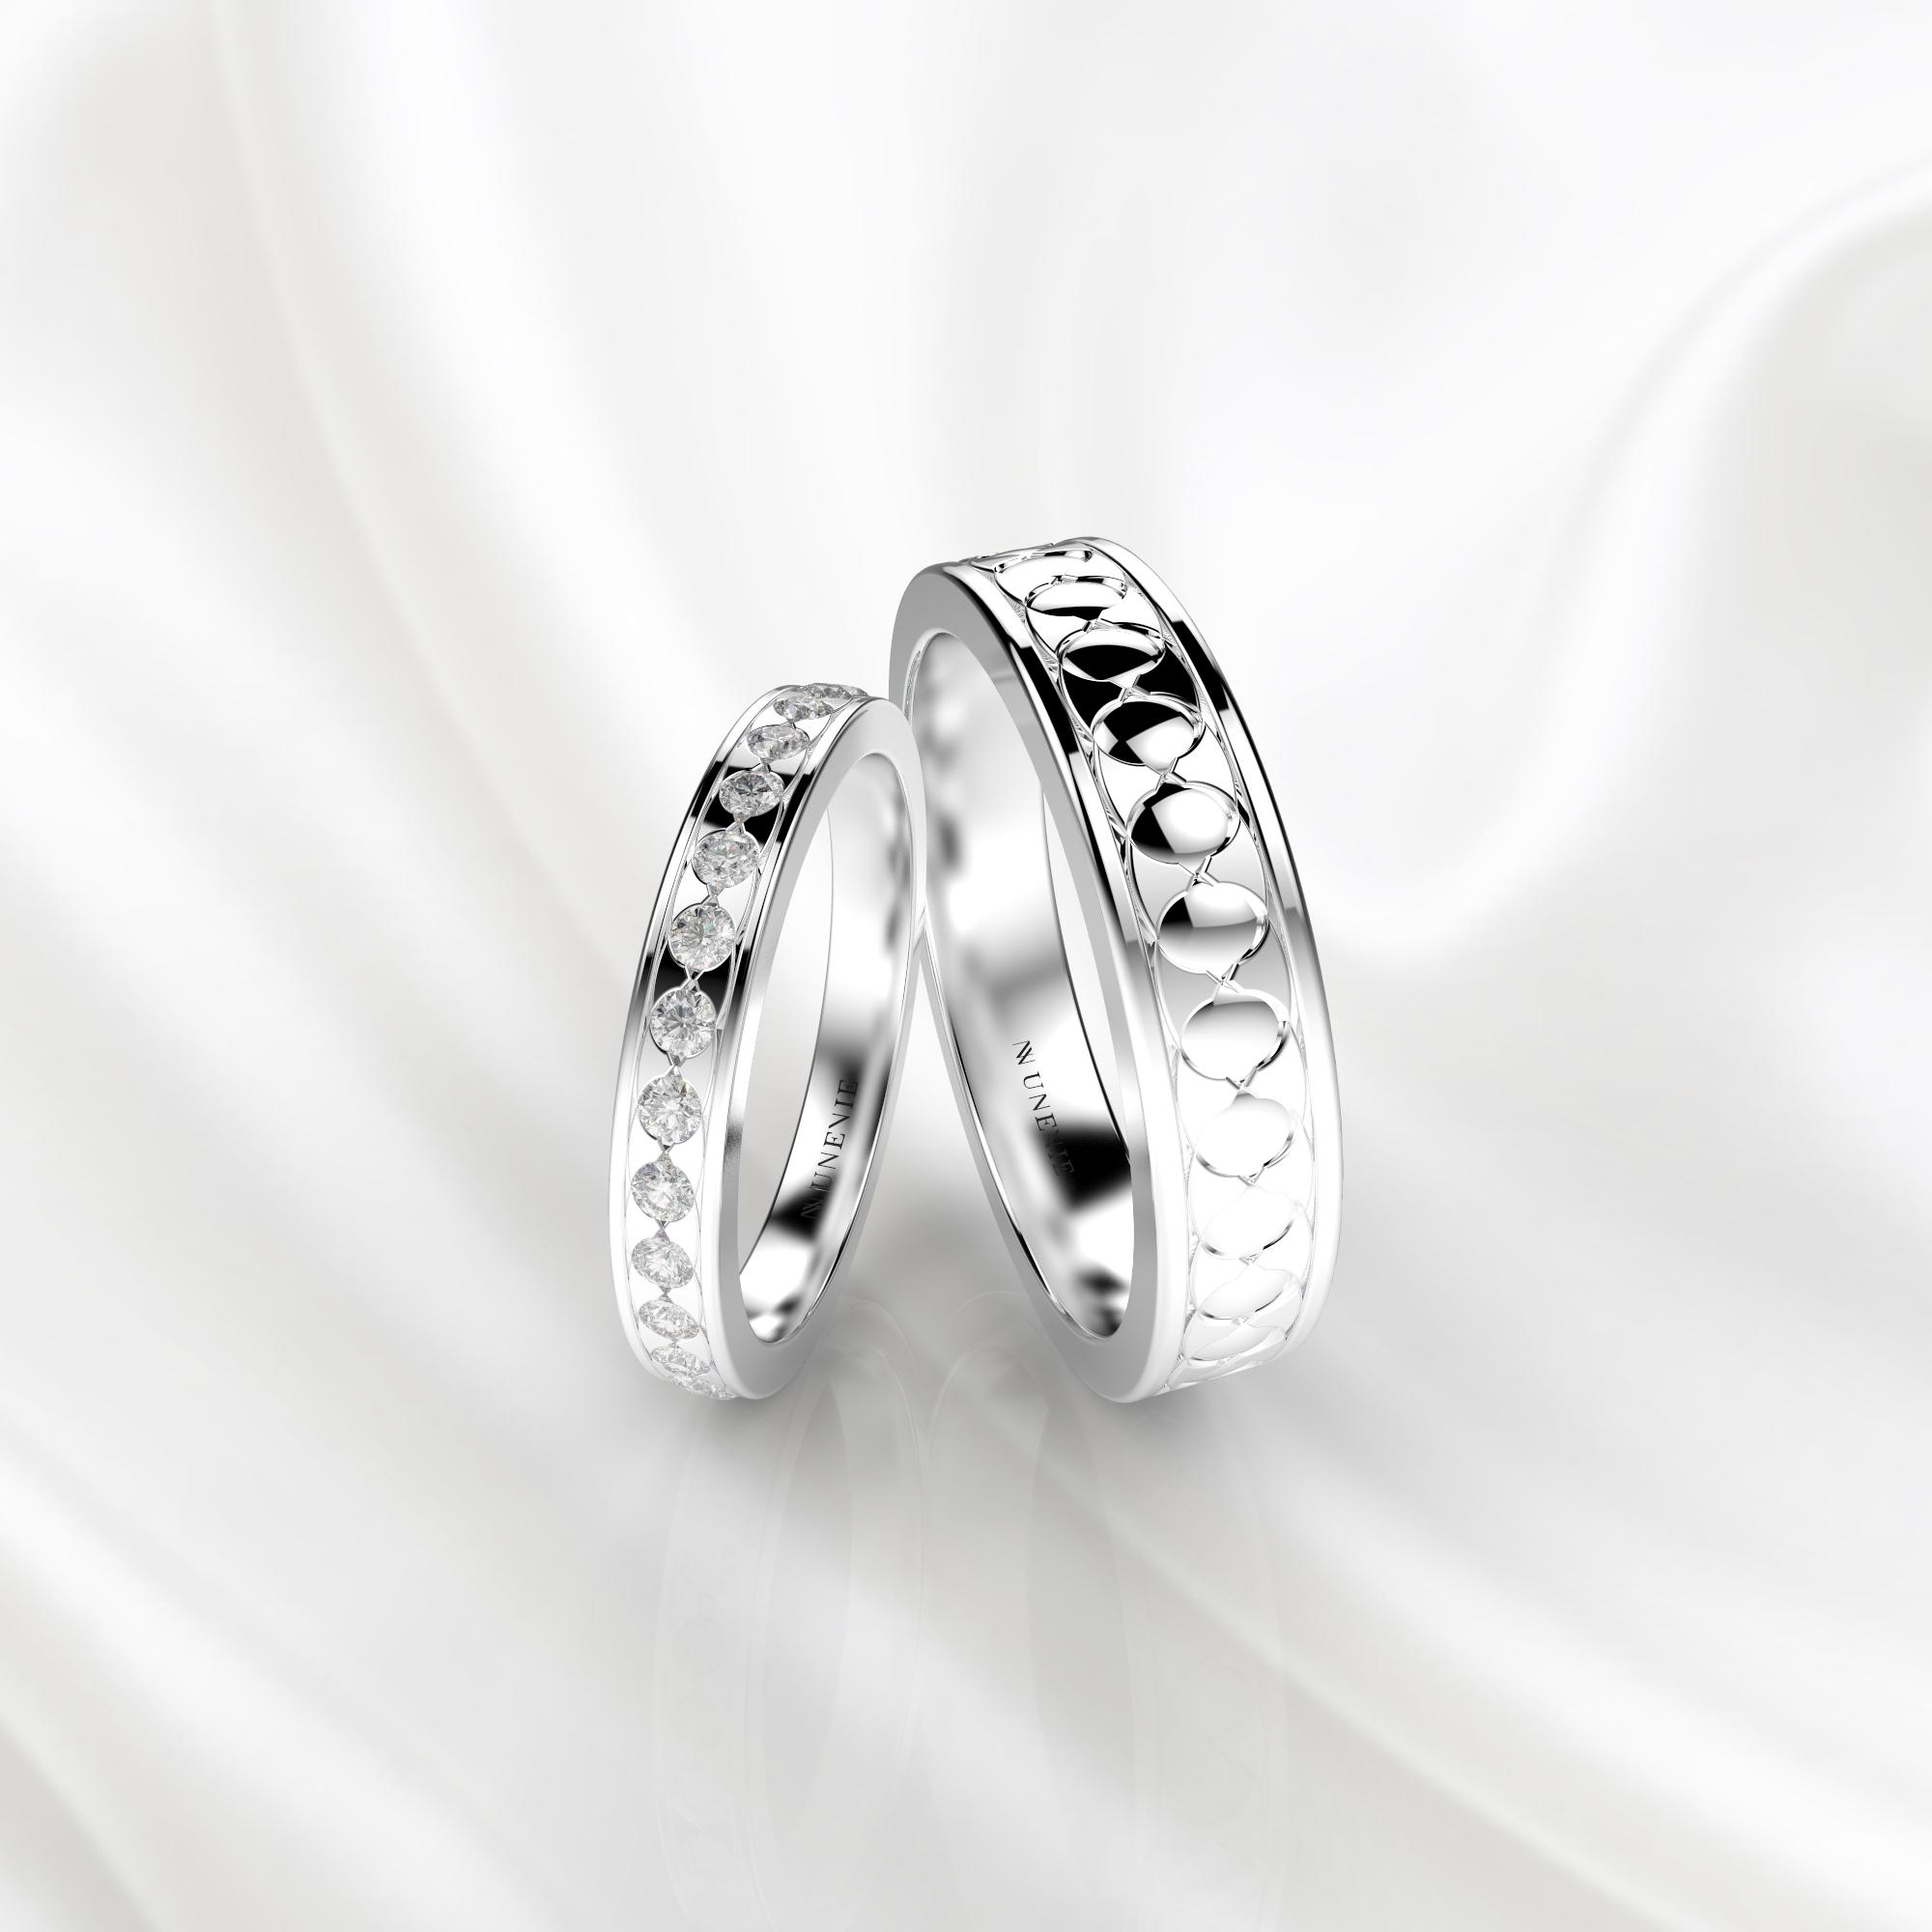 NV53 Парные обручальные кольца из белого золота с бриллиантами